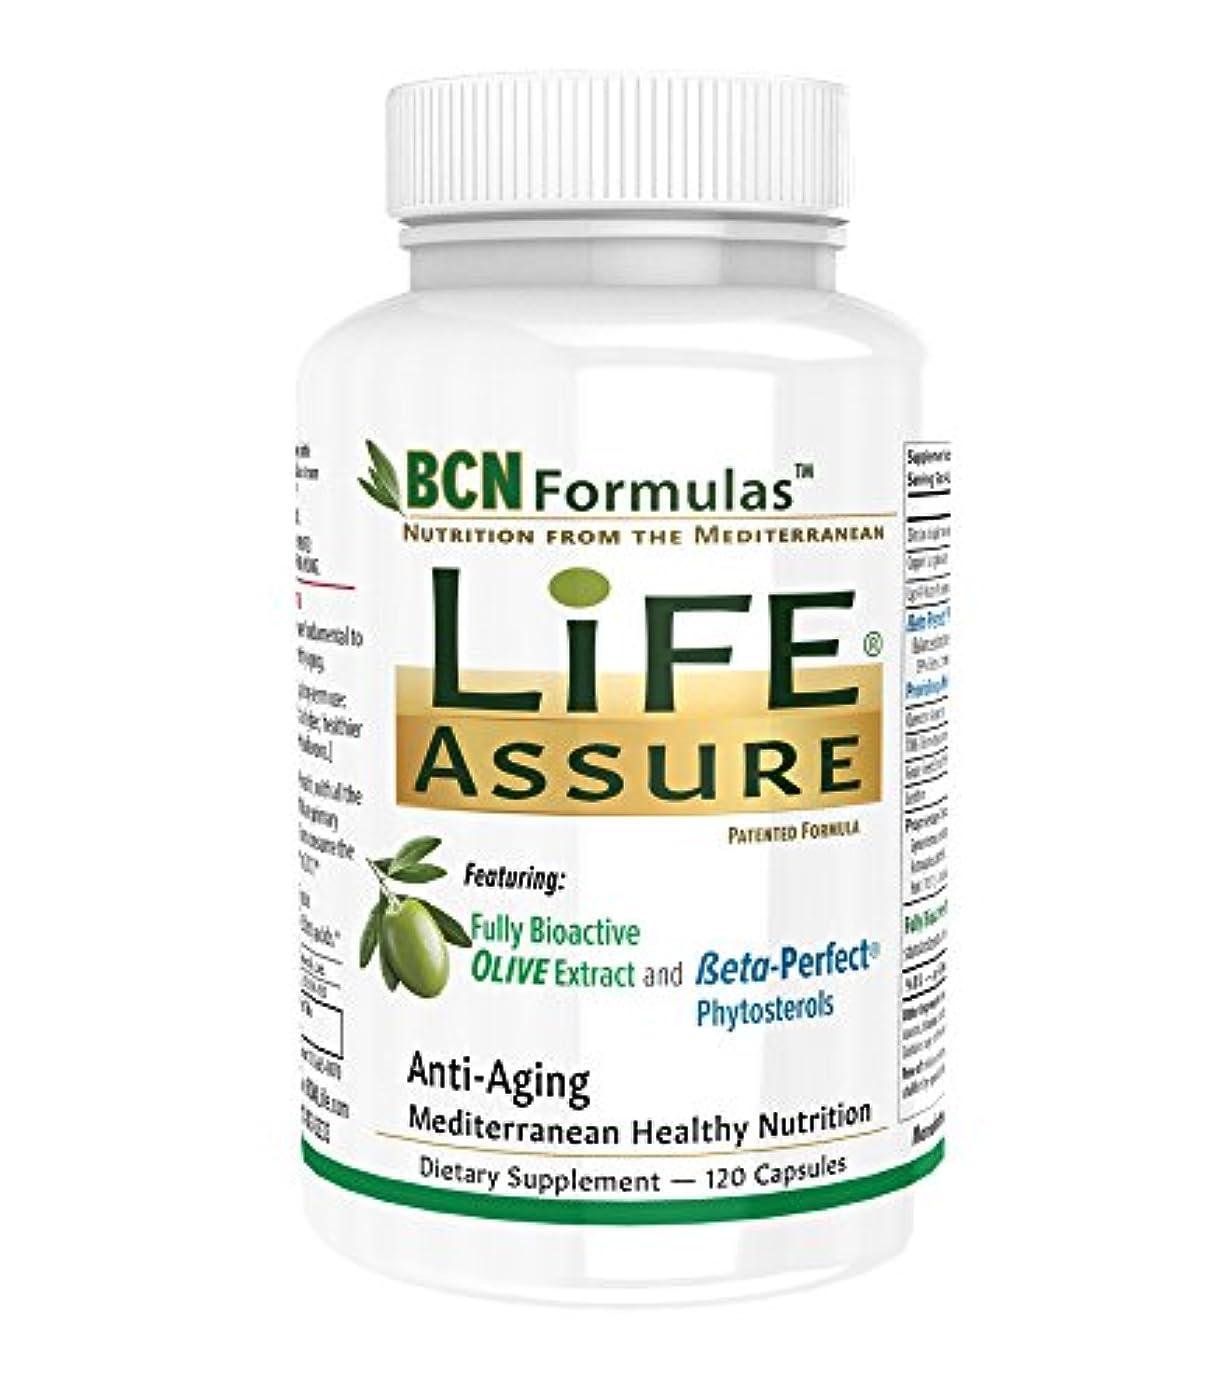 生産性希望に満ちたマーティフィールディングBCN Formulas Life Assure アンチ エイジング フォーミュラ(120カプセル)